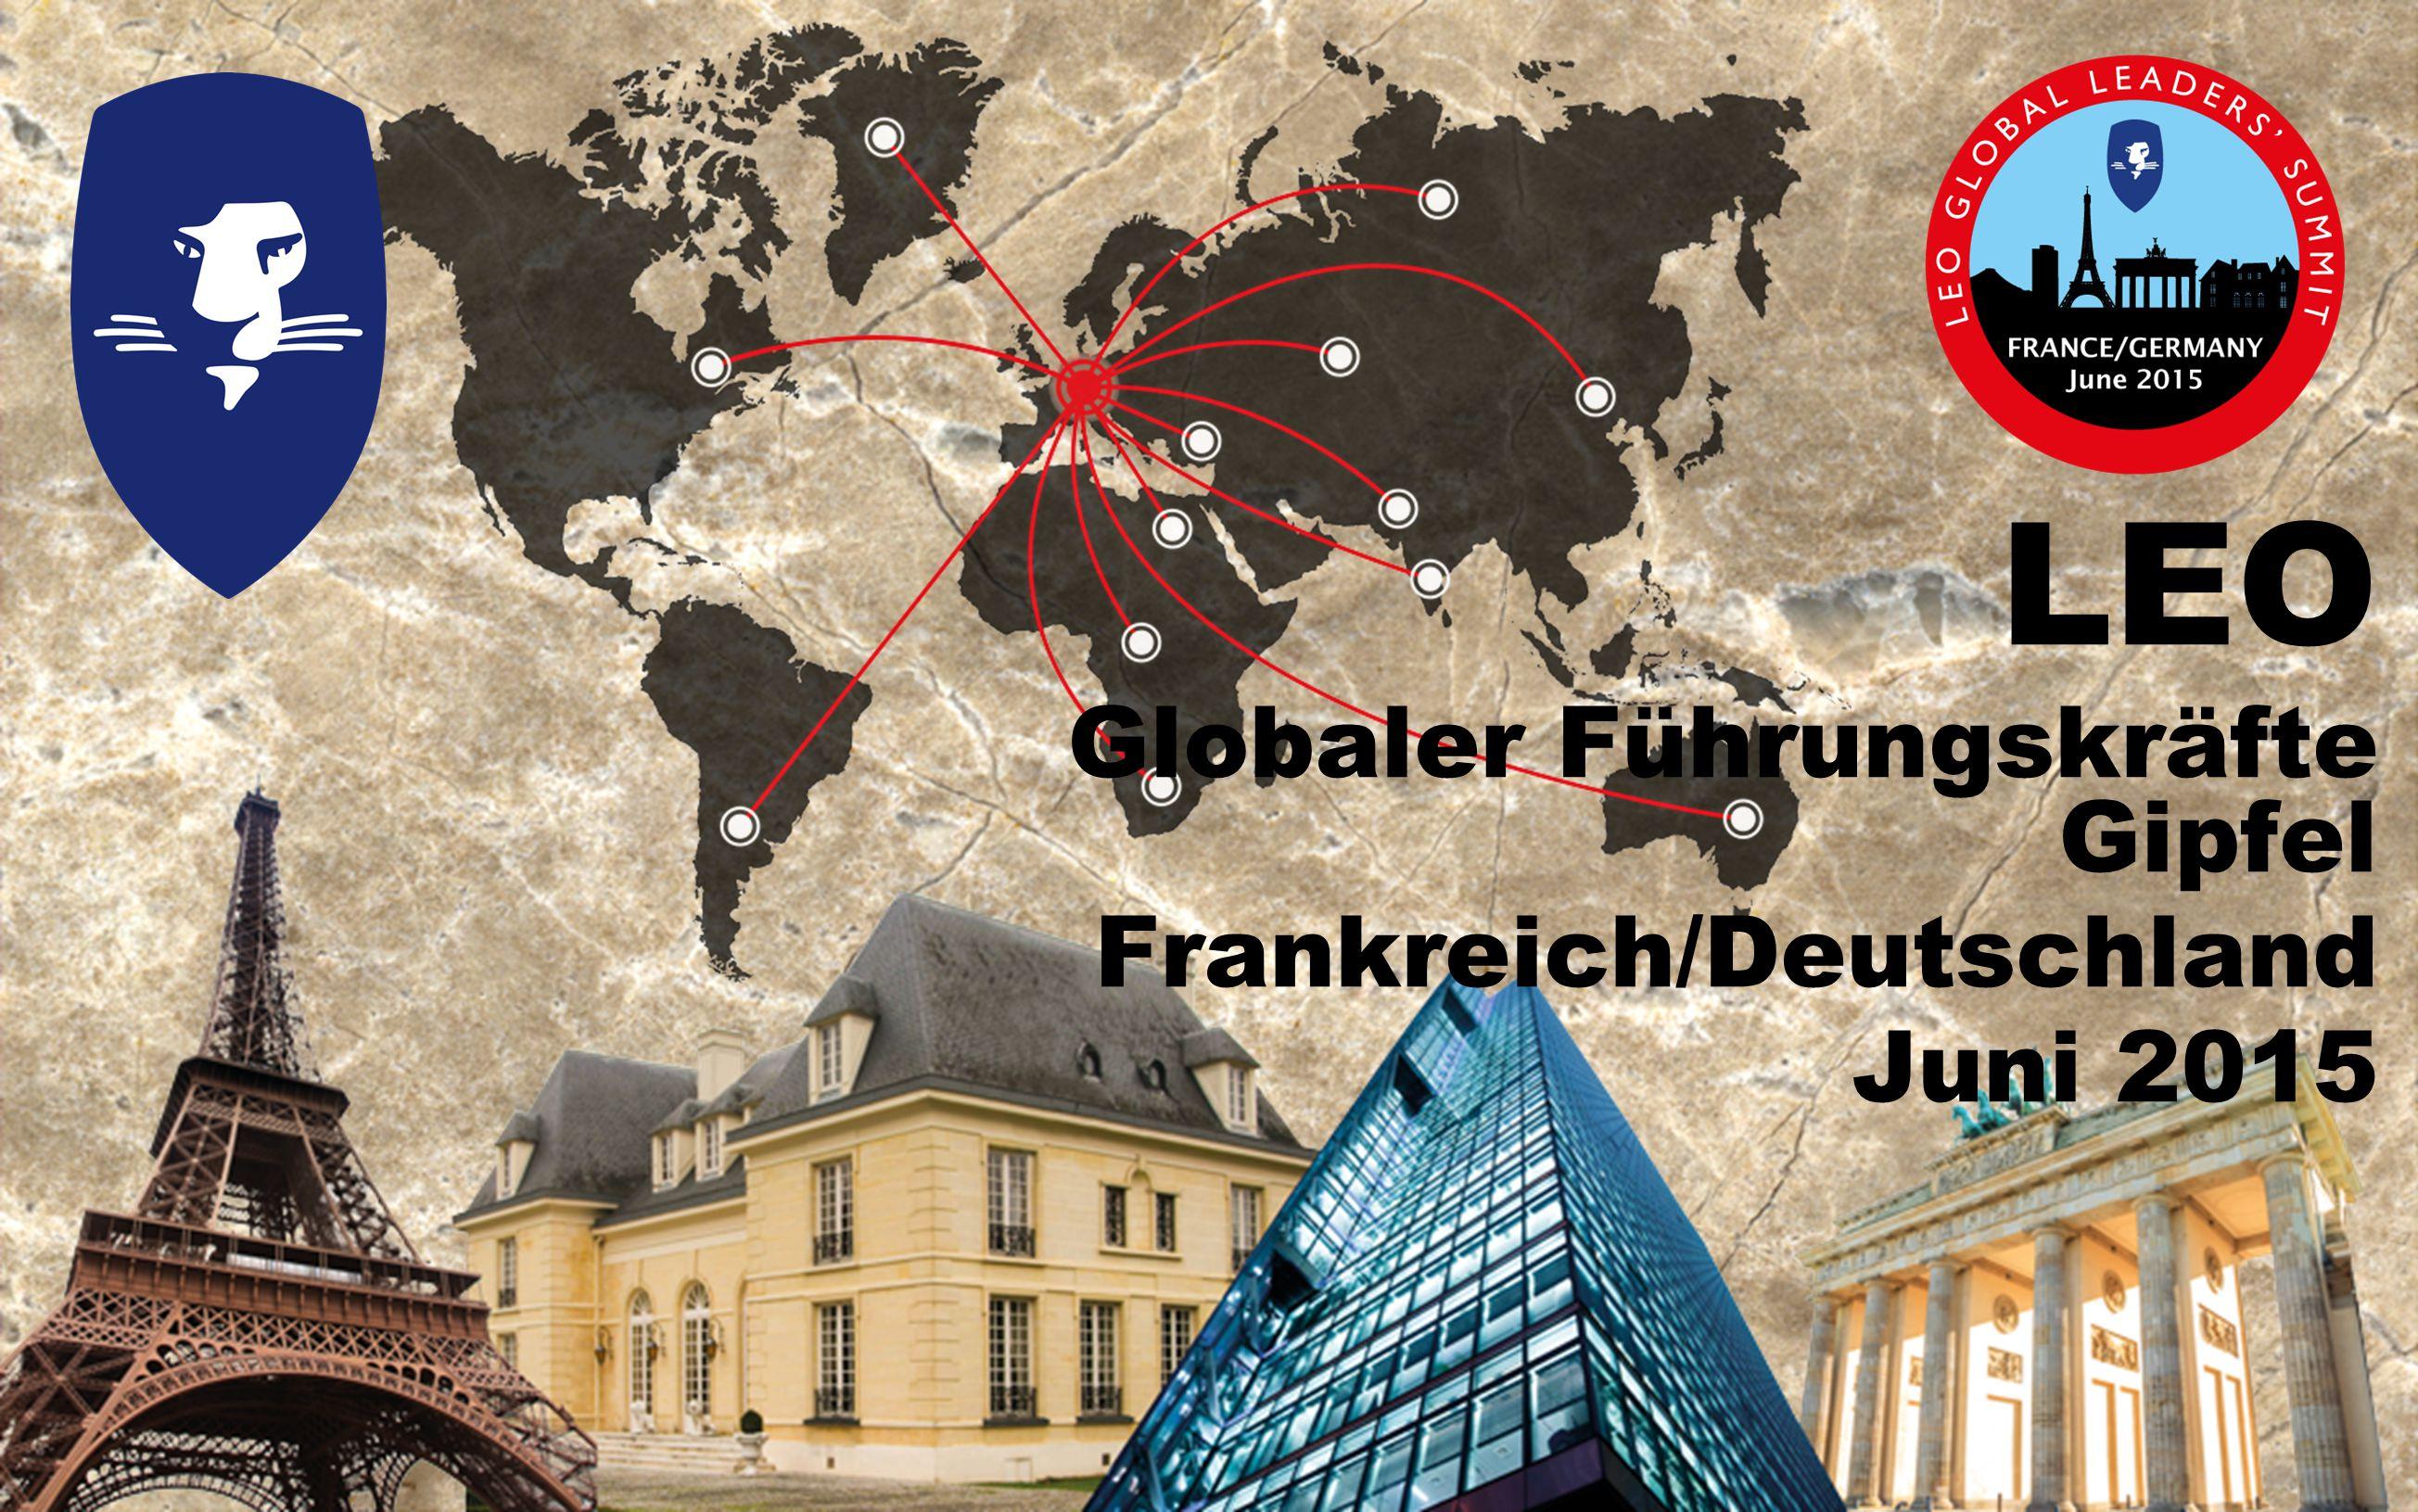 LEO Globaler Führungskräfte Gipfel Frankreich/Deutschland Juni 2015